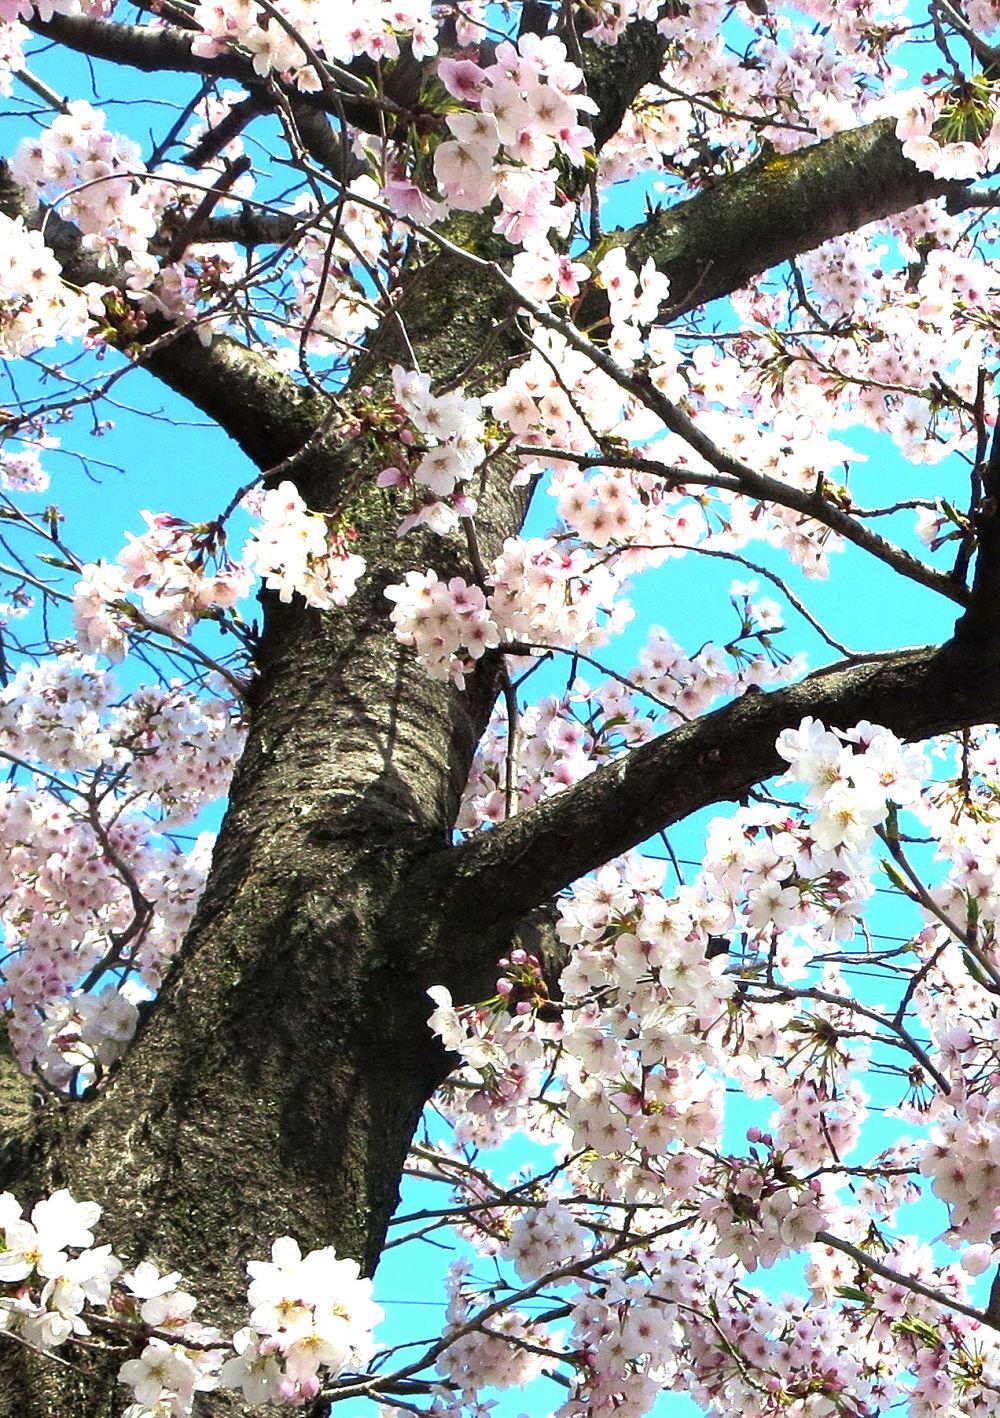 9.『希望の春』(自宅近くで)